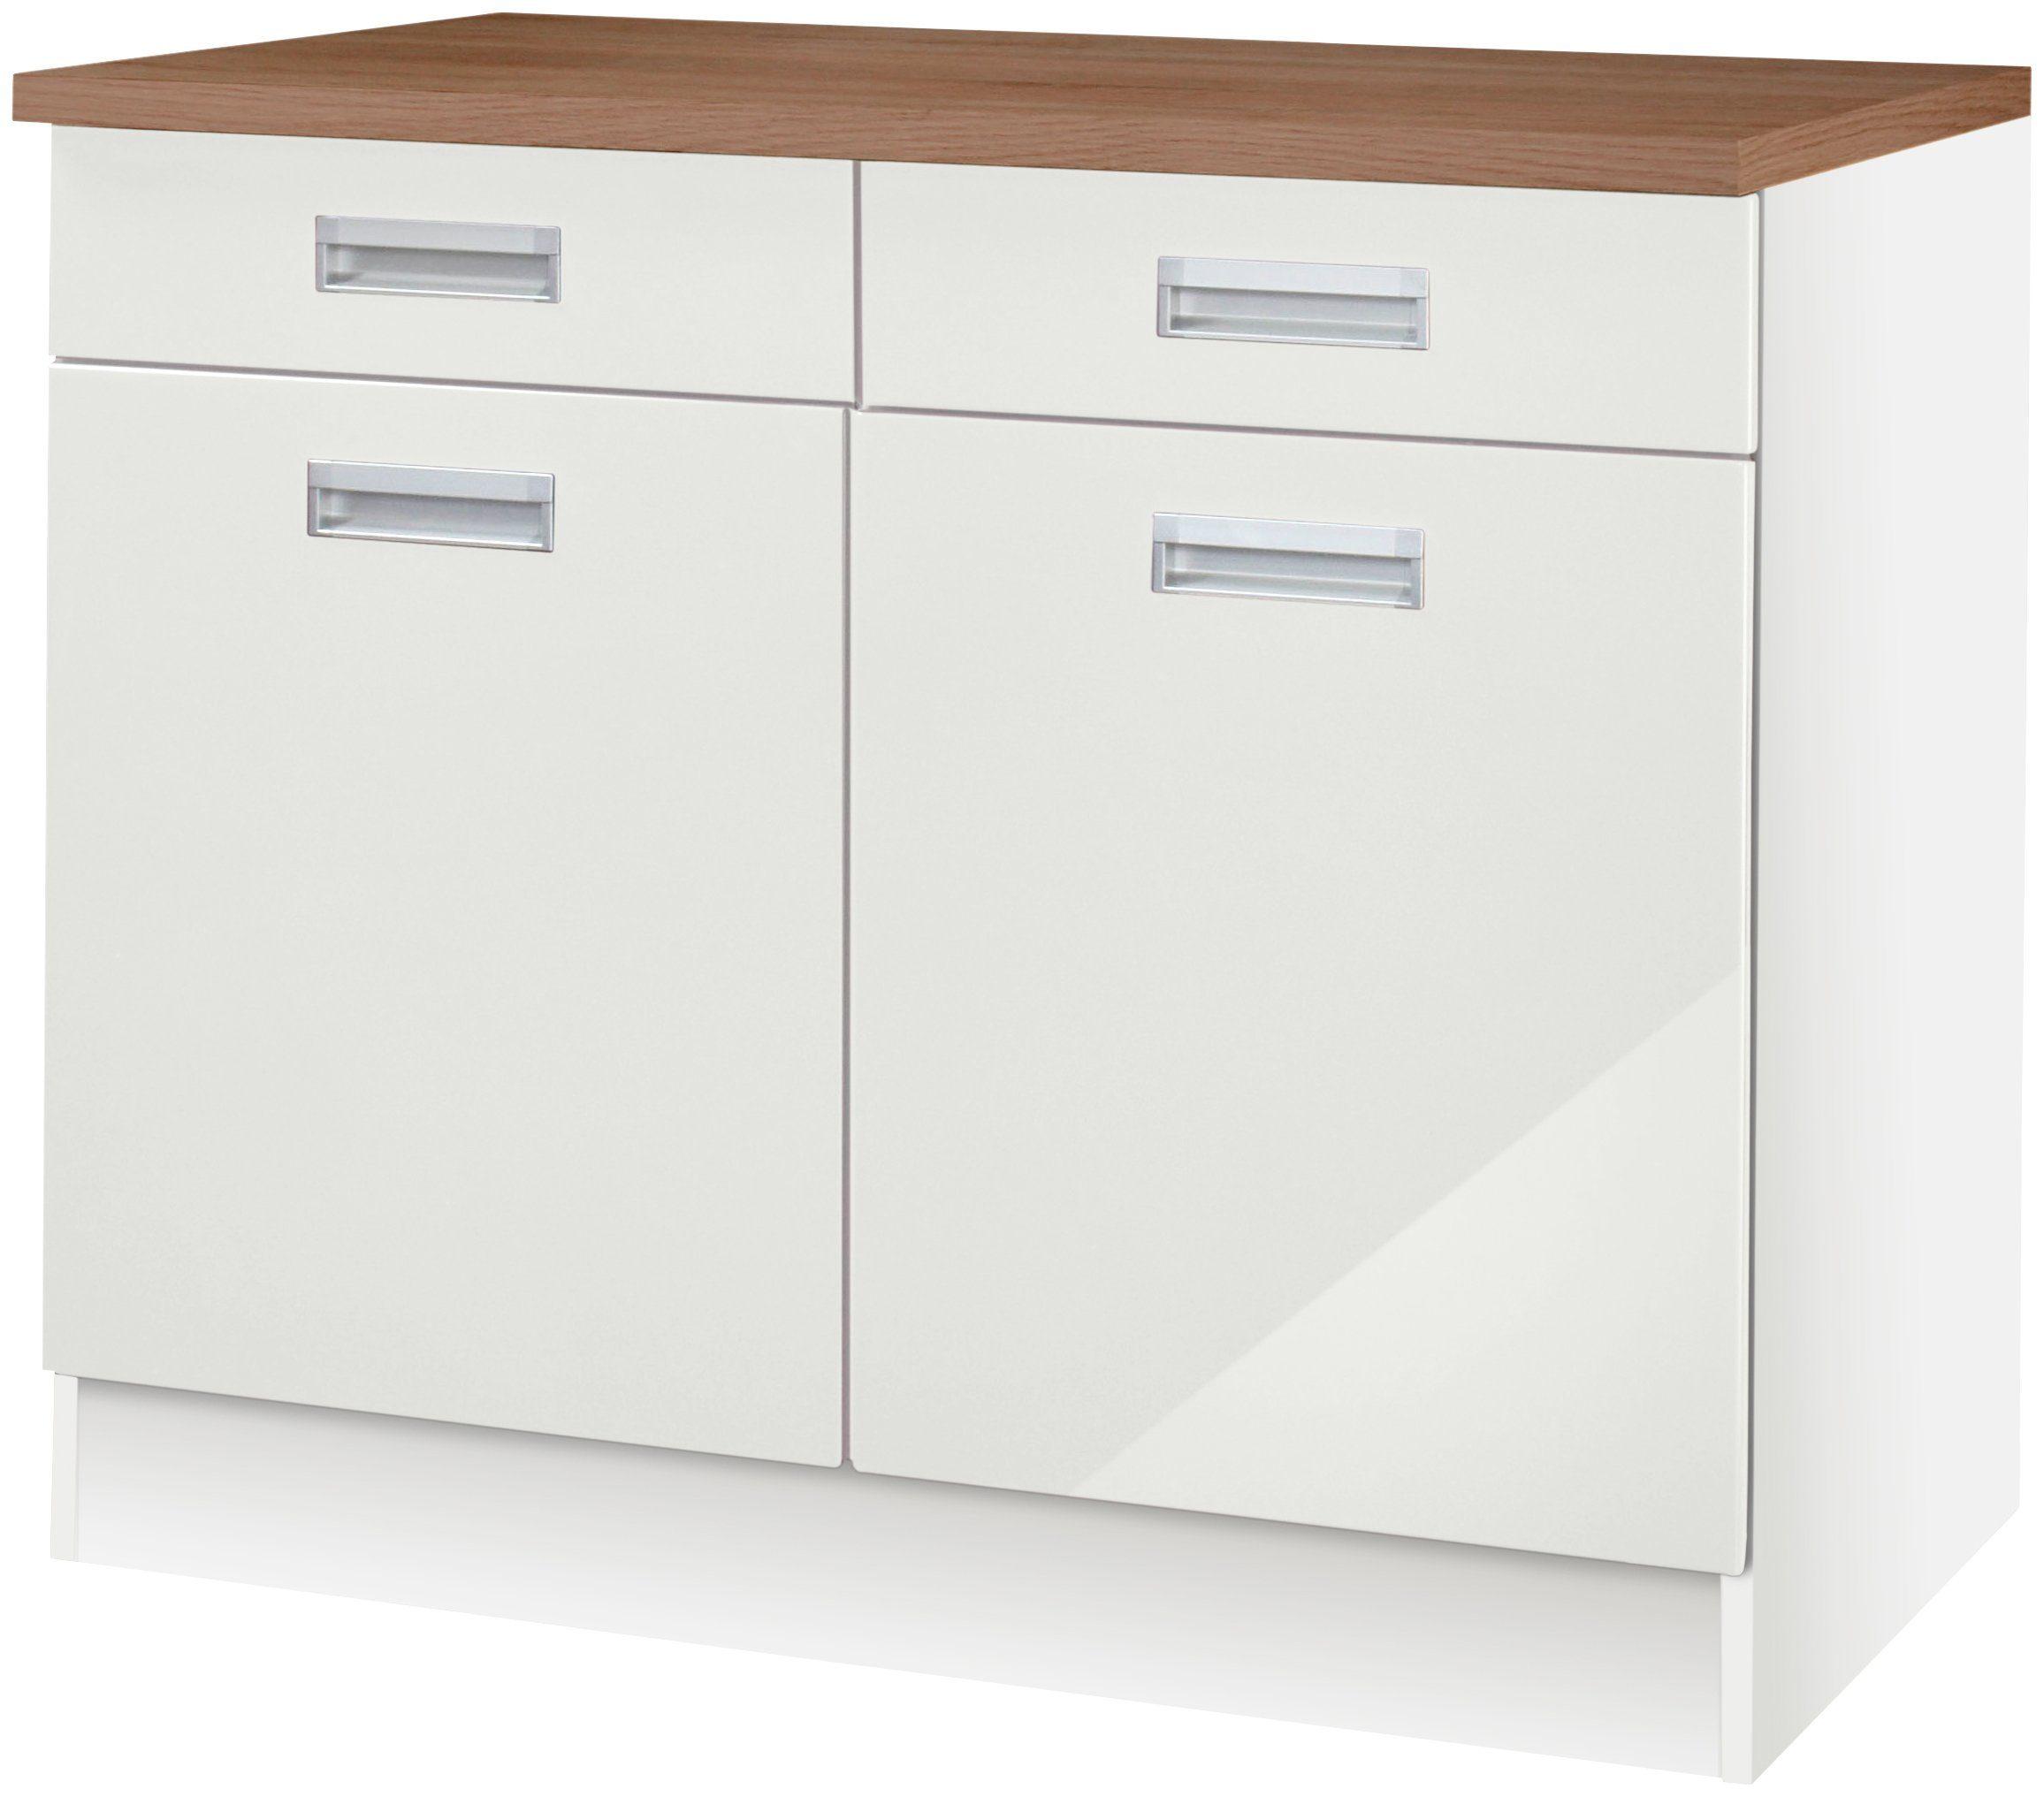 Großartig HELD MÖBEL Küchenunterschrank »Fulda, Breite 100 cm« online kaufen  PQ18